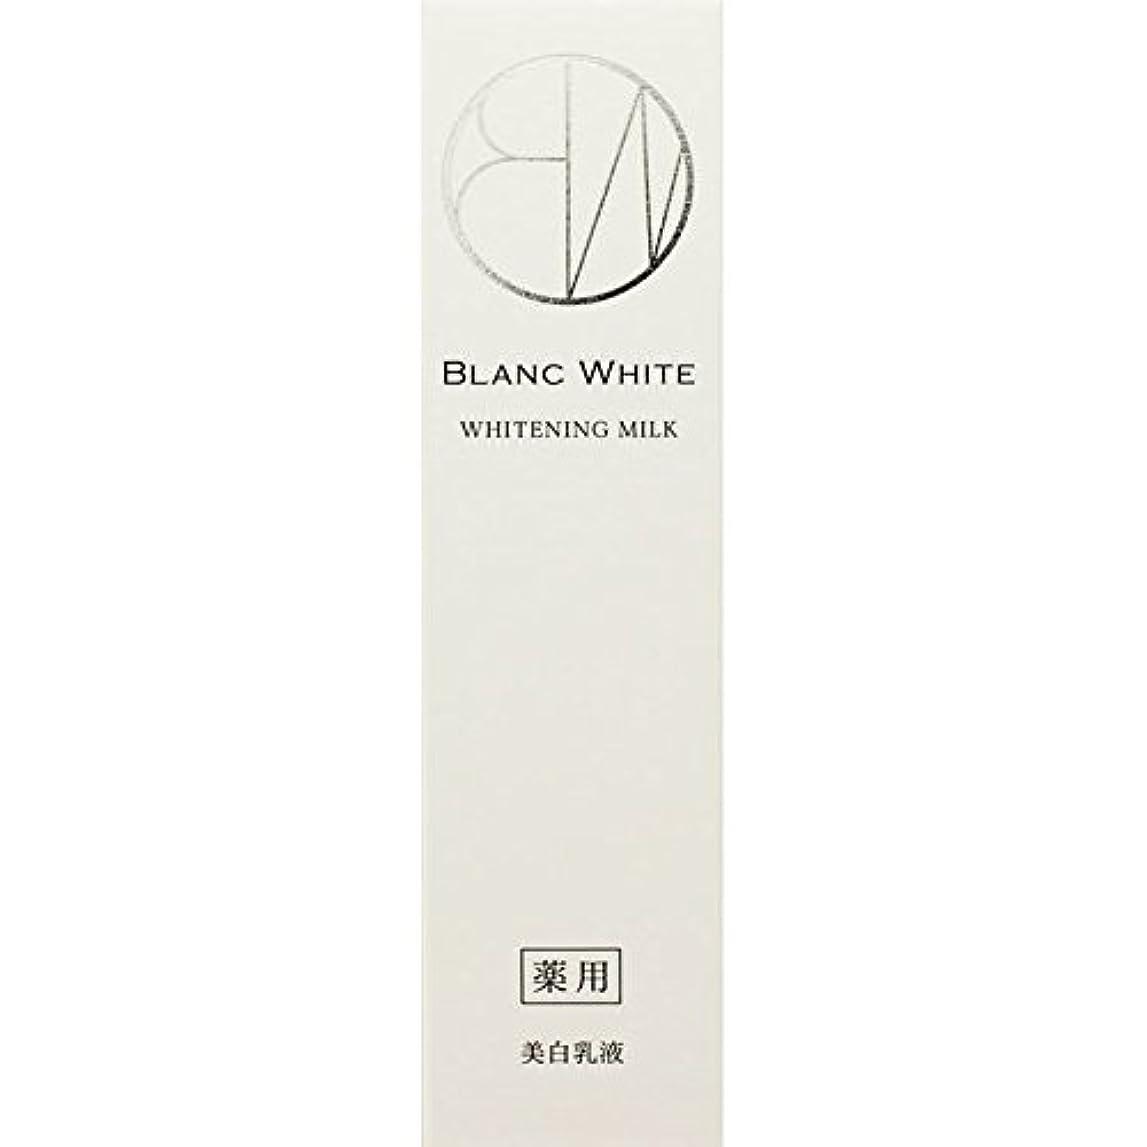 と闘う灌漑ソブリケットブランホワイト ホワイトニングミルク 125ml (医薬部外品)